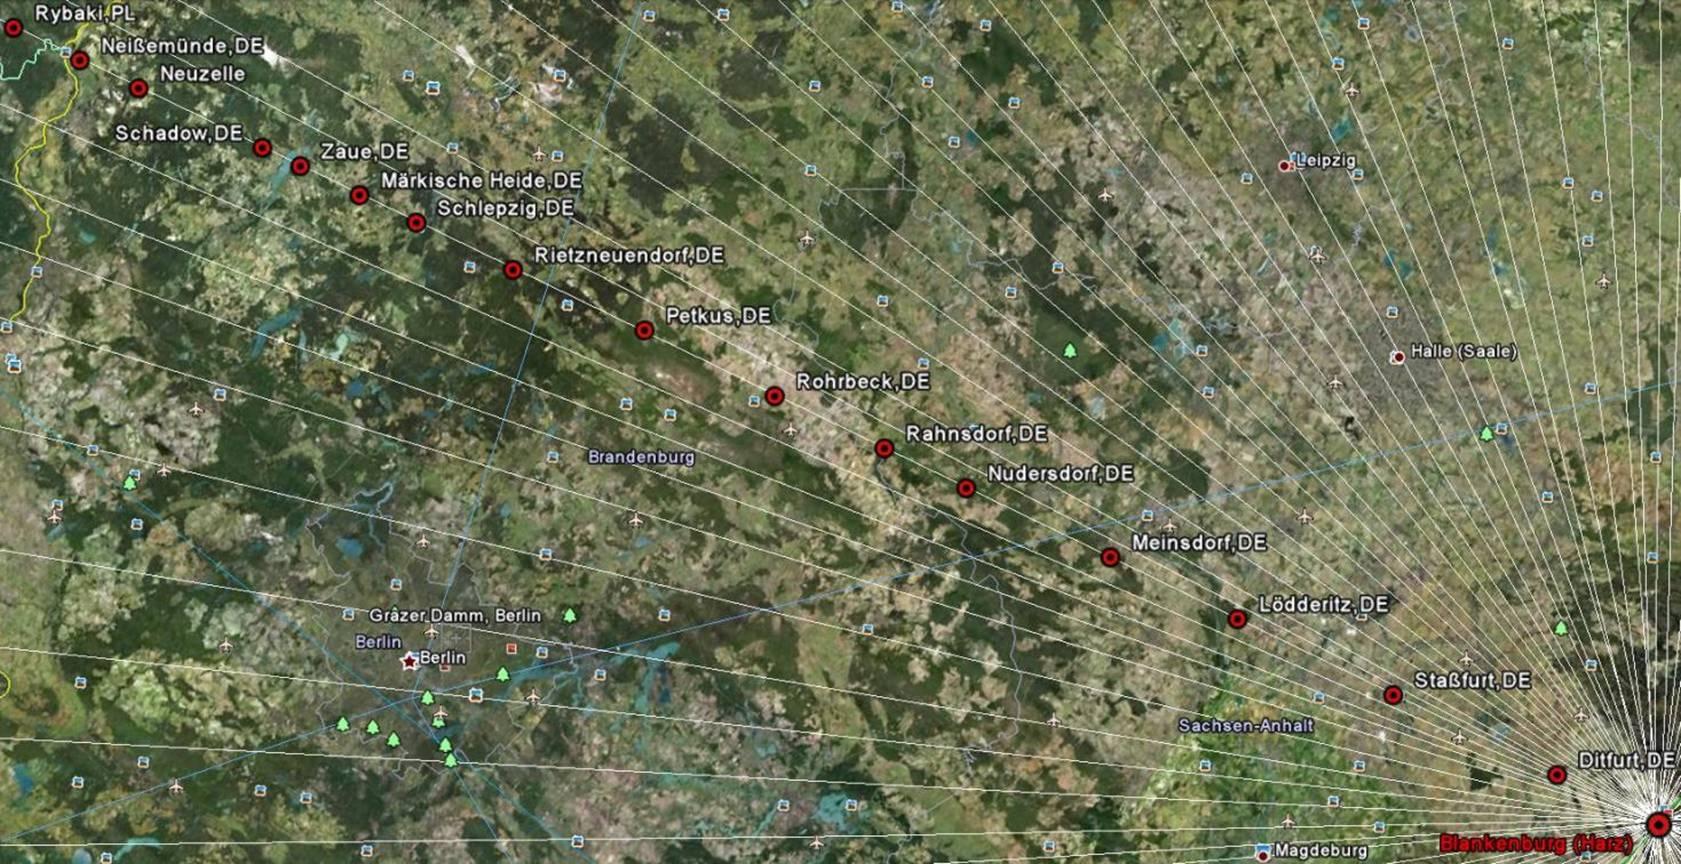 Andere Auffallige Uberregionale Linien Des Blankenburgsystems